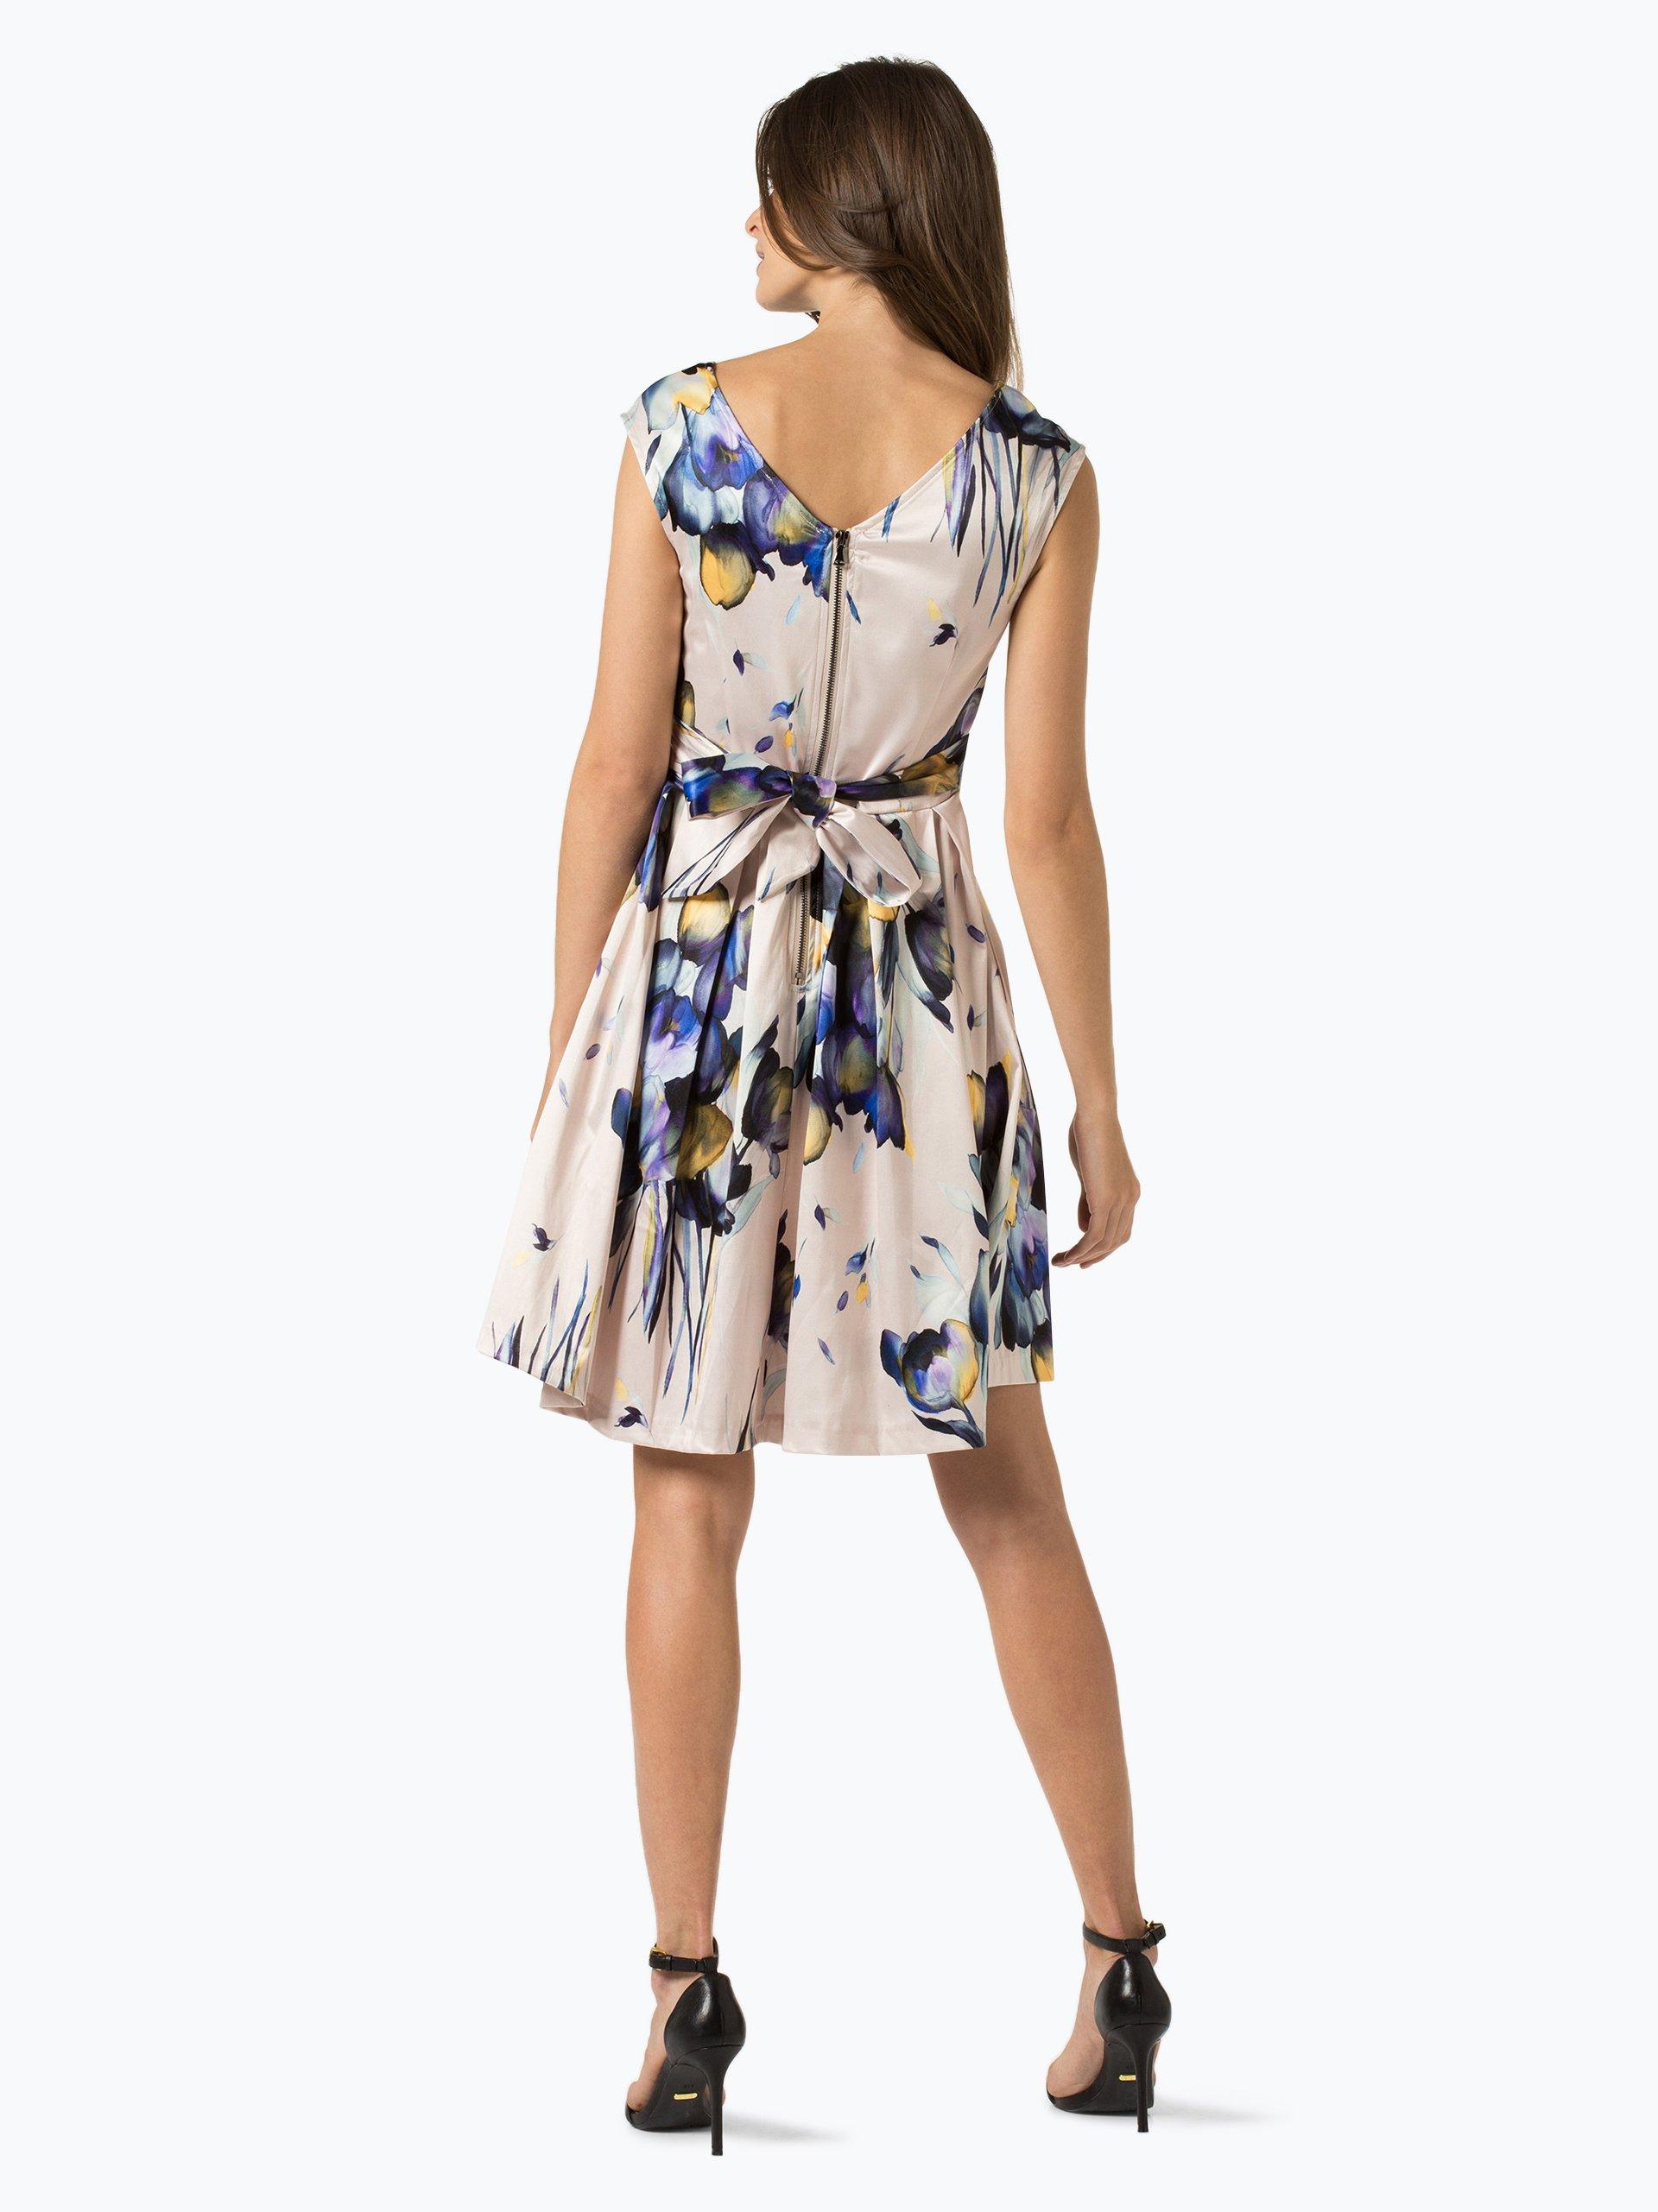 Cartoon Daydream Damen Kleid online kaufen | VANGRAAF.COM